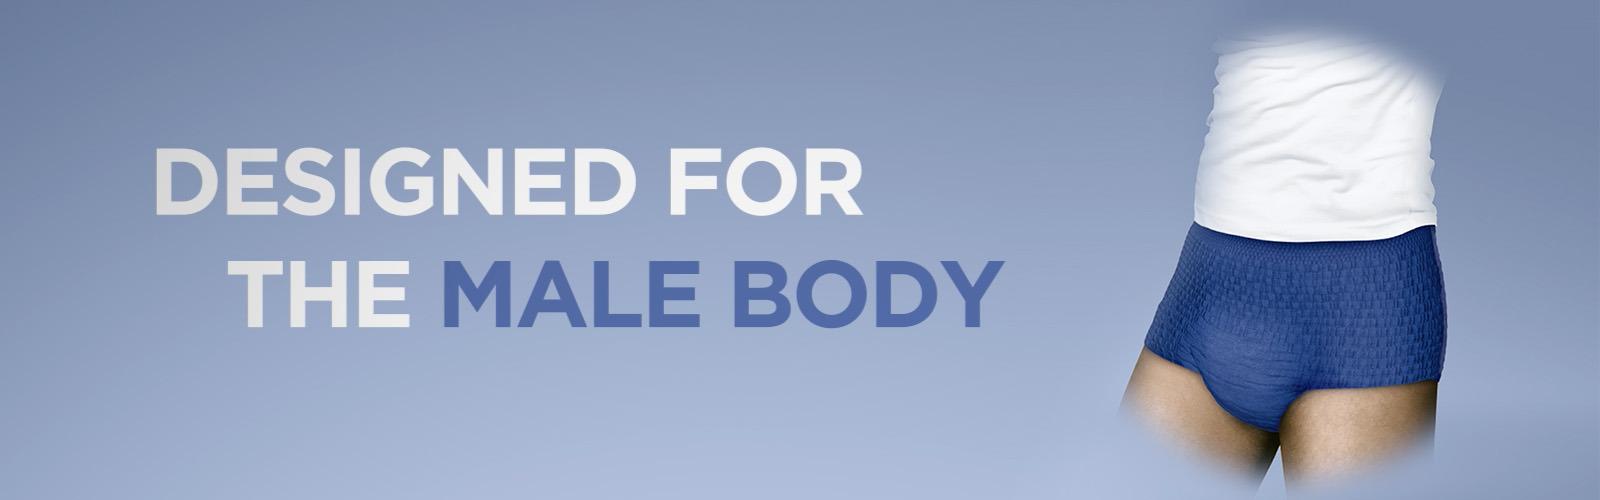 TENA Men Active Fit Absorberande Engångskalsong, en produkt särskilt utformad för män